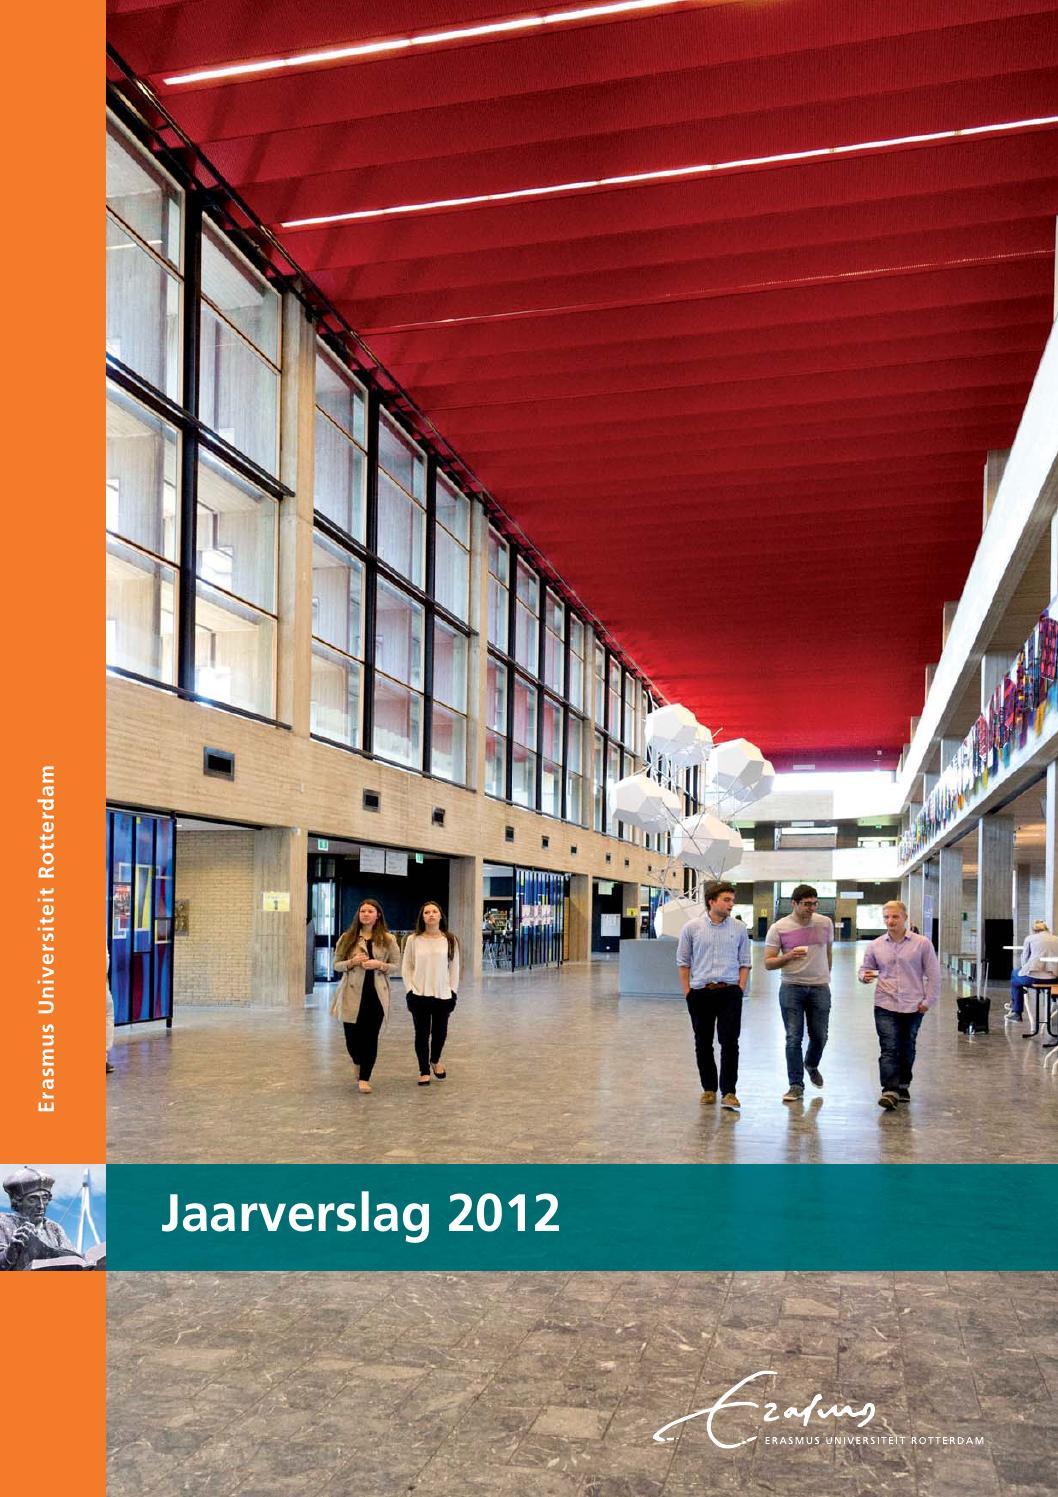 Radboud Universiteit Jaarverslag 2015 by Radboud University - issuu